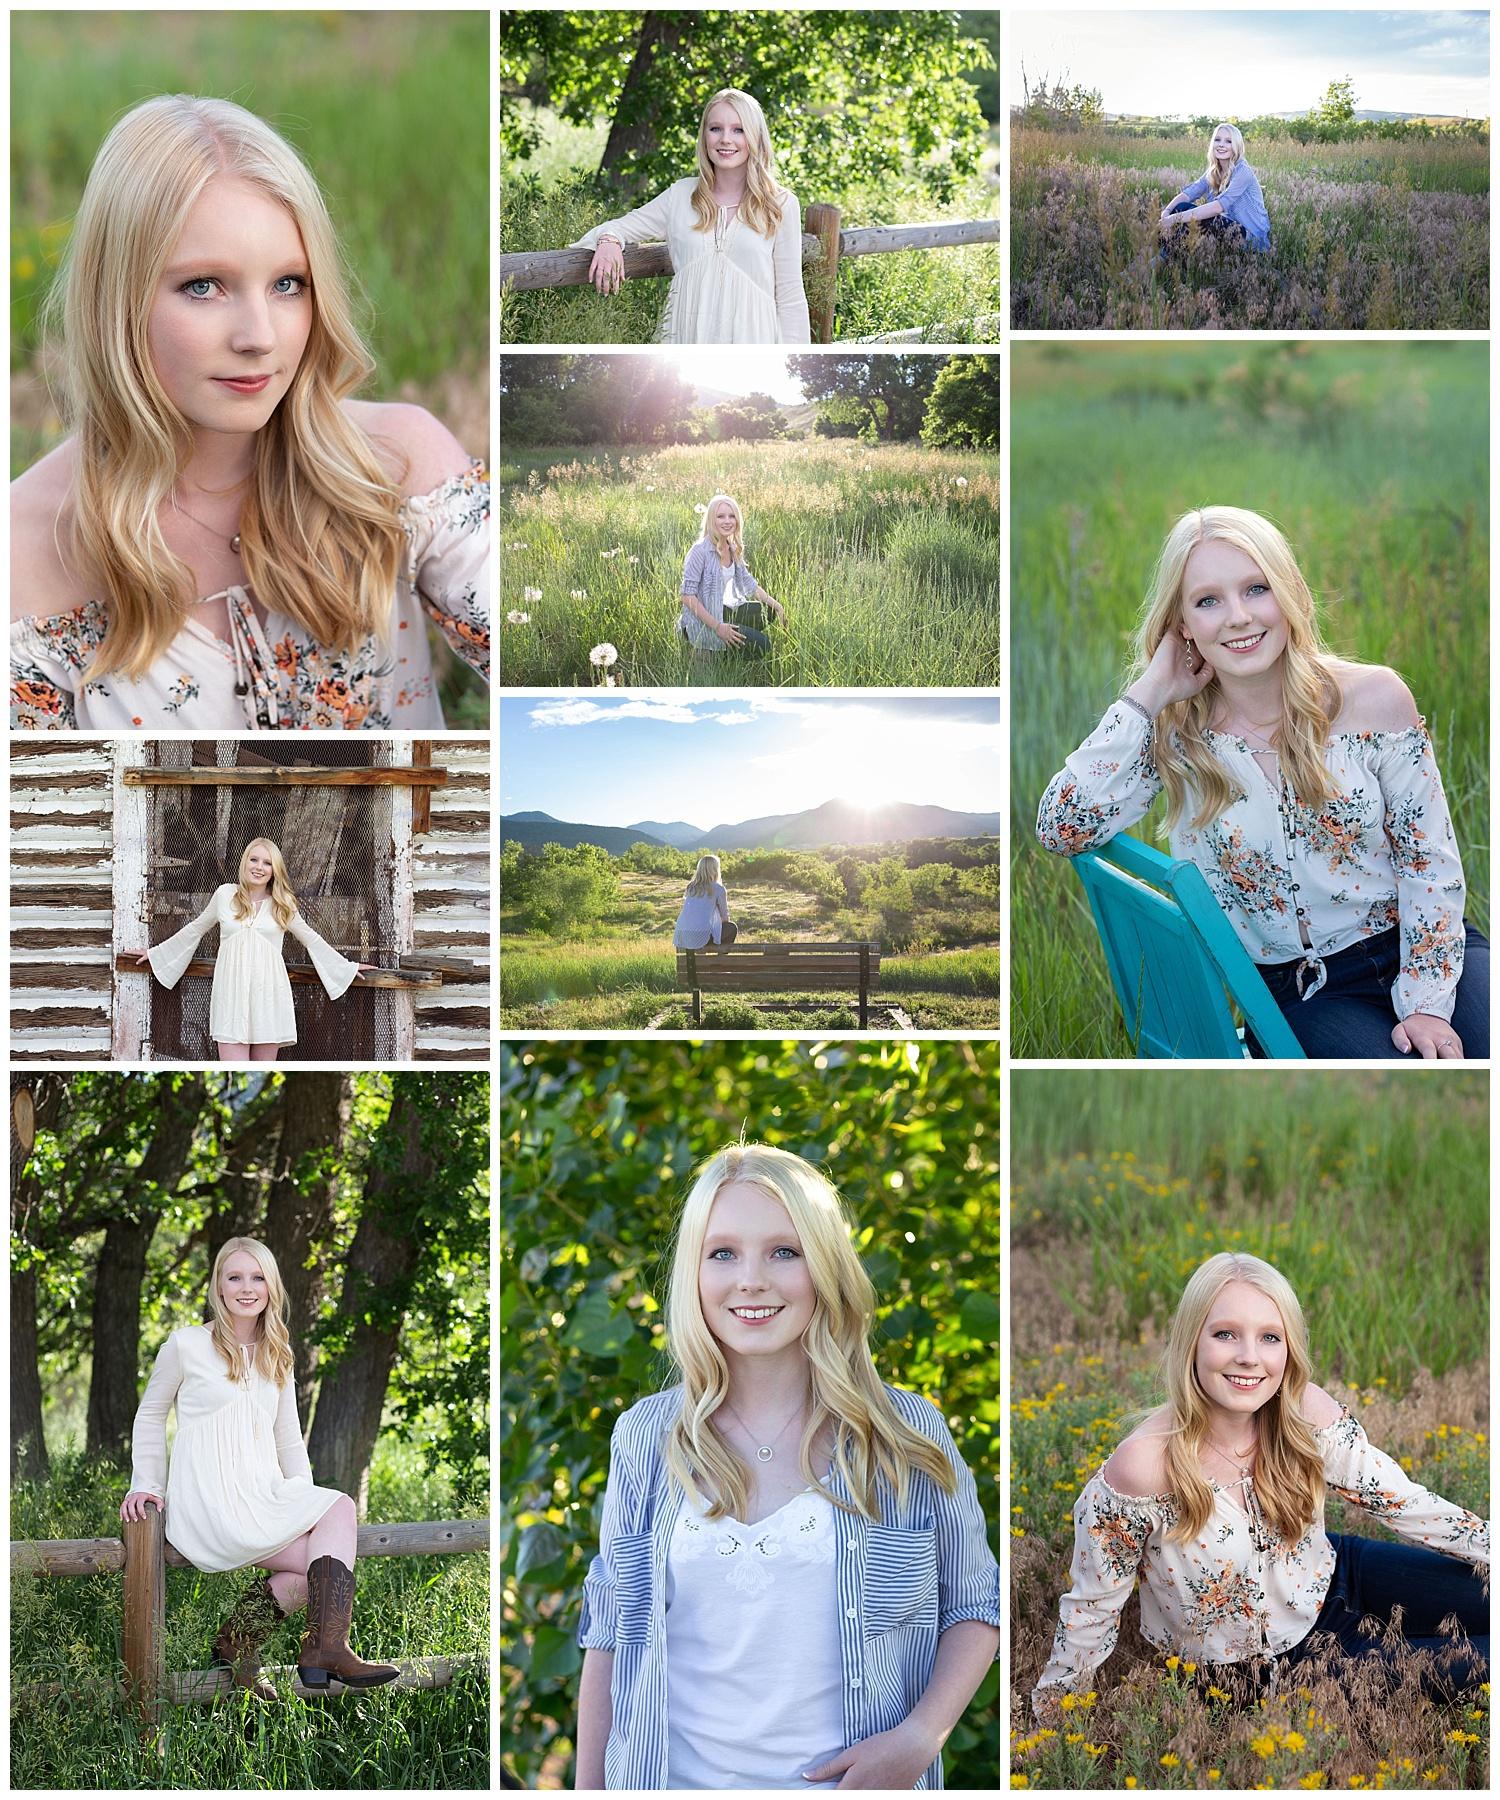 Emma's high school senior photos were taken on June 24, 2019.